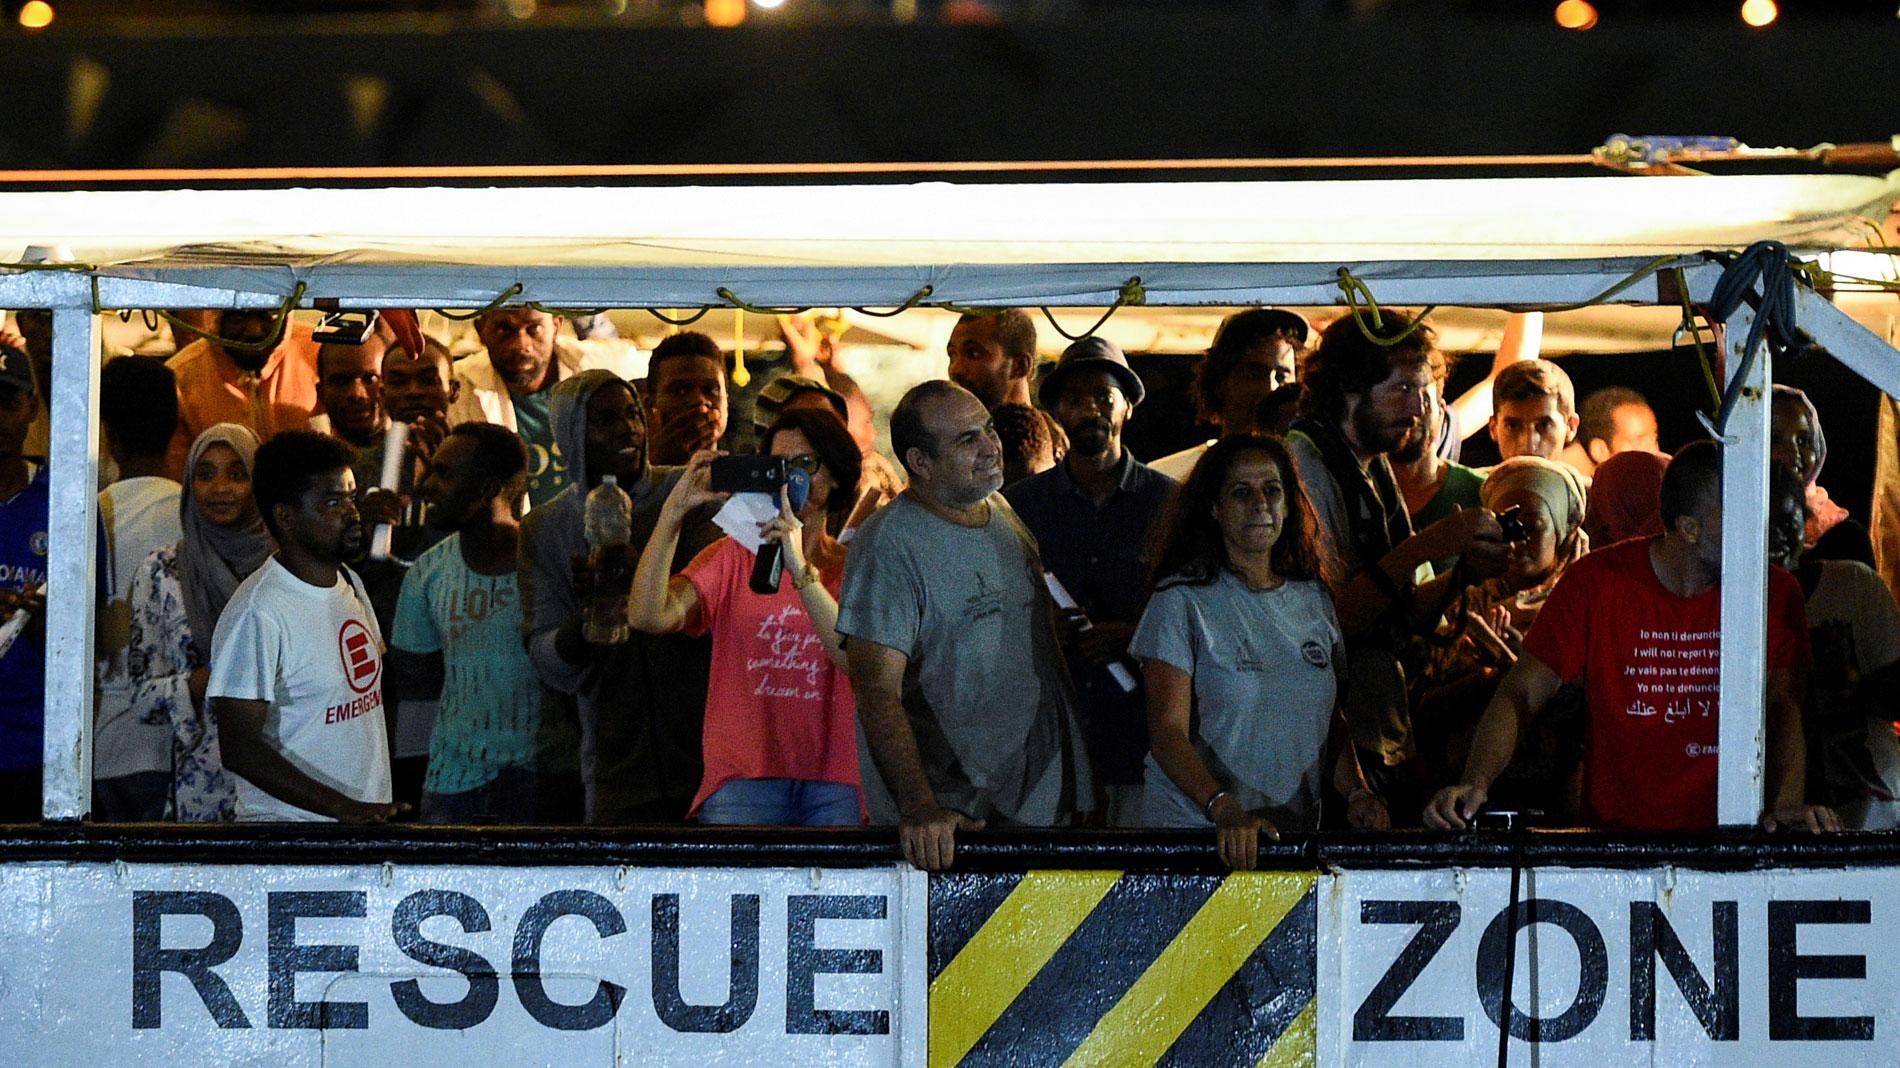 El Open Arms desembarca en Lampedusa a los 83 migrantes